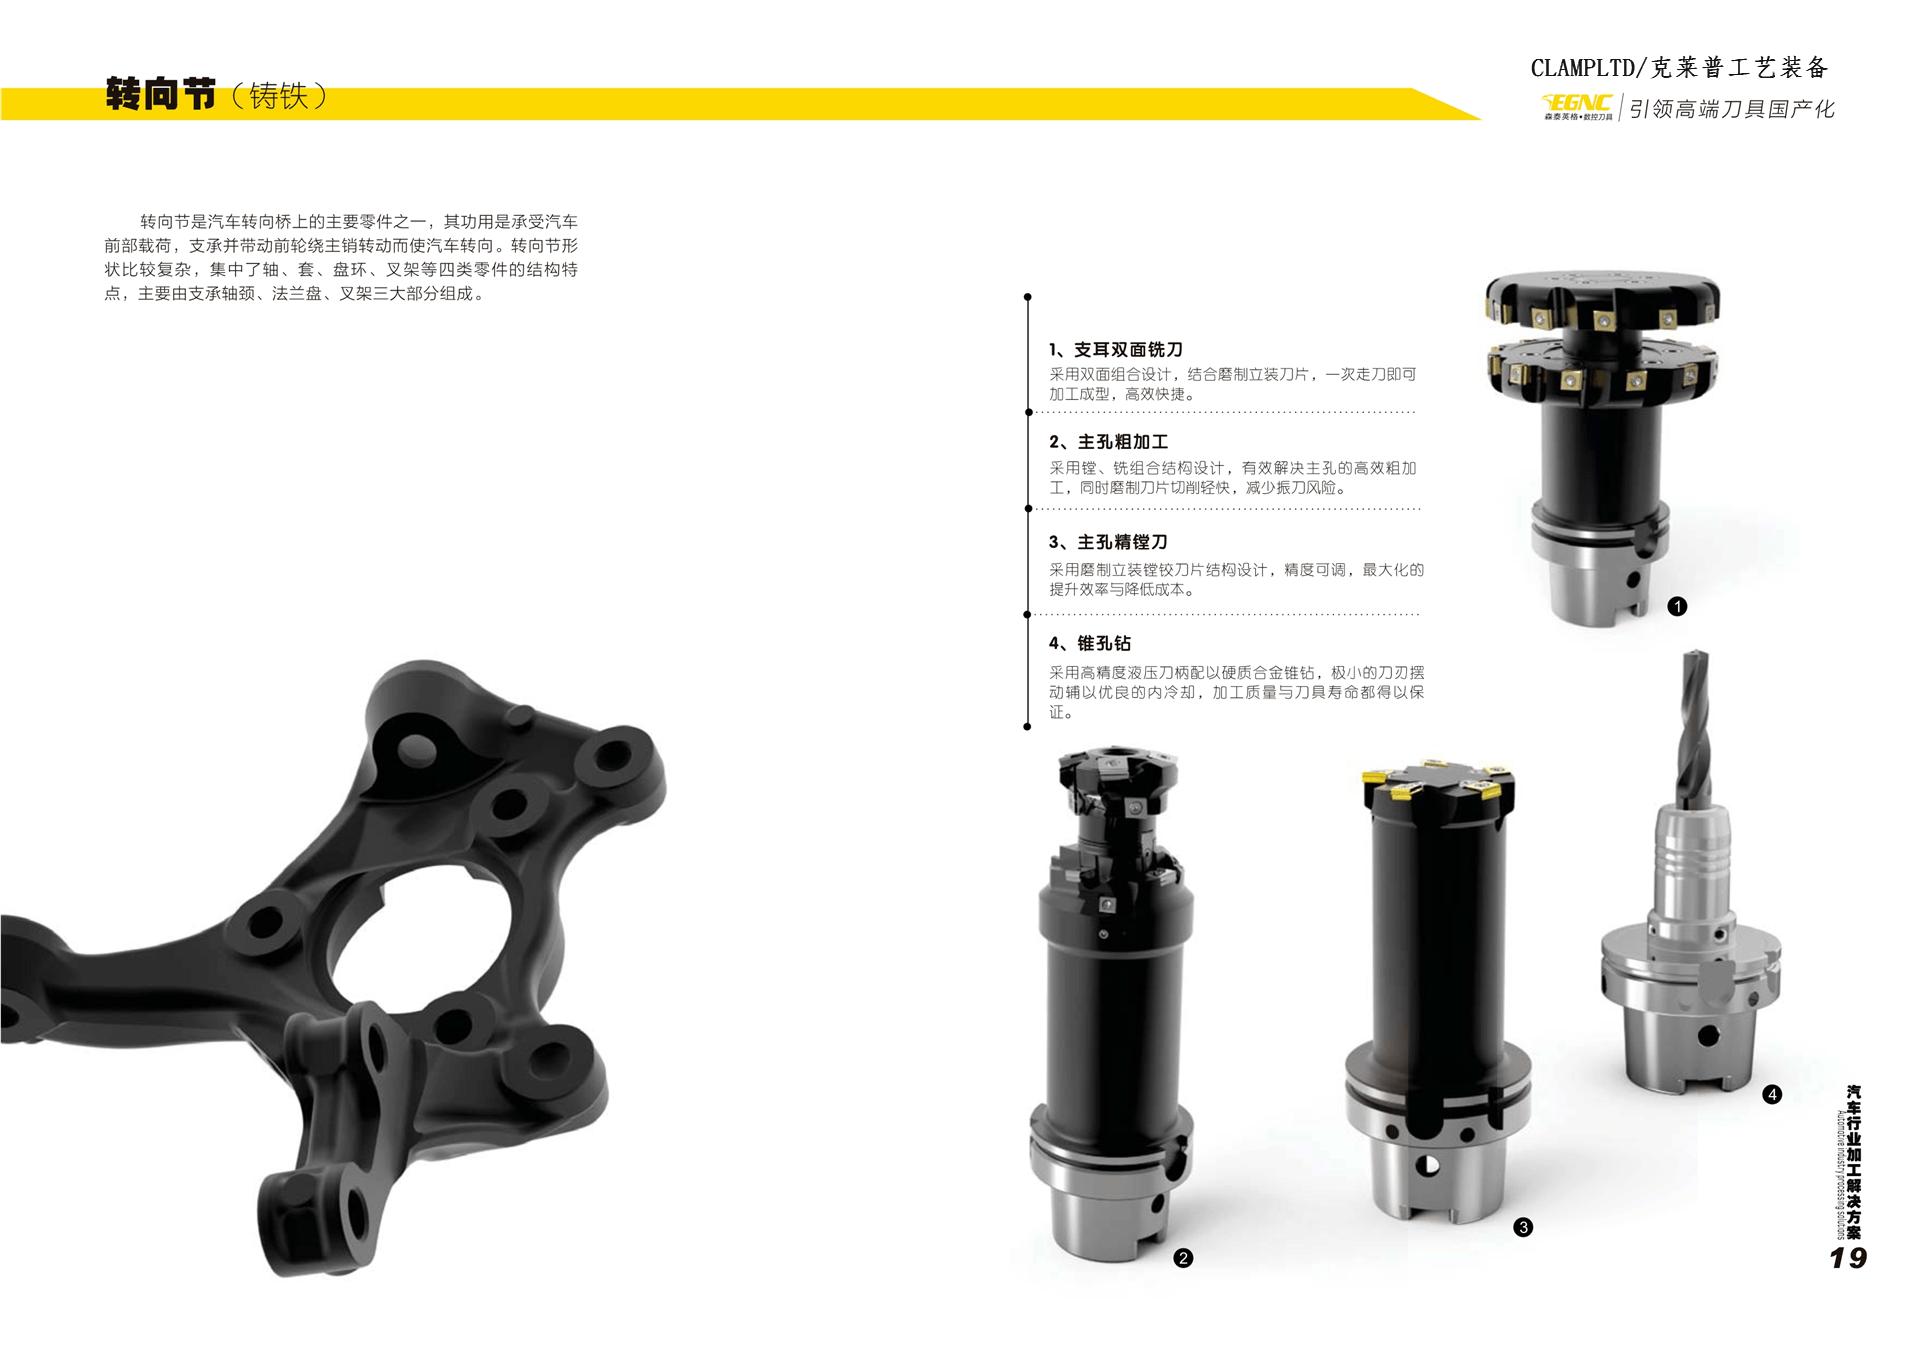 汽车零部件夹具刀具一体化解决方案 工装夹具应用 第10张